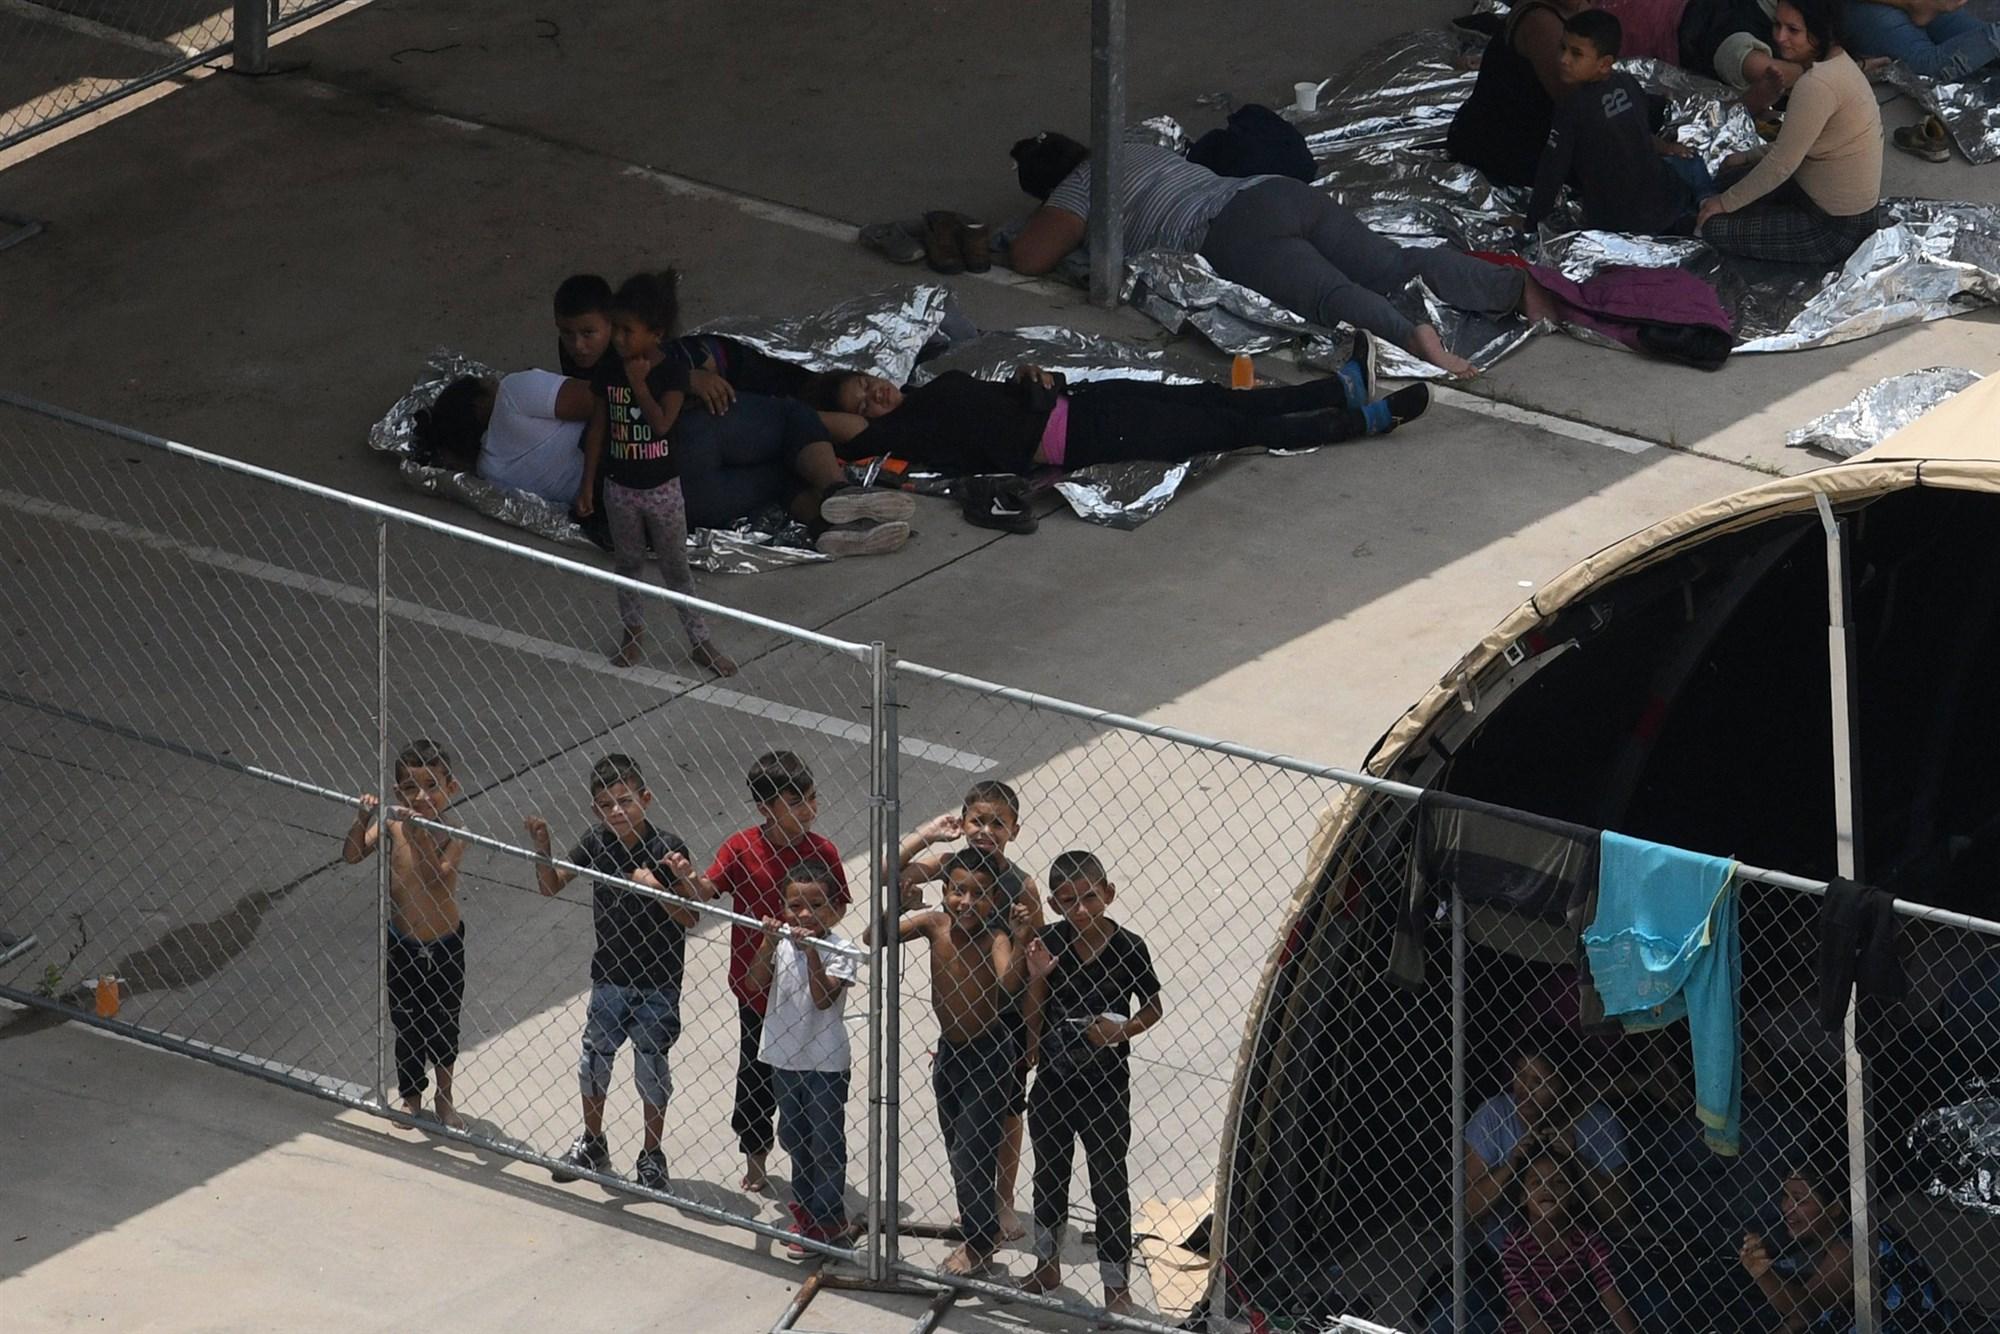 """מהגרים במאהל מאולתר מחוץ לתחנת משמר הגבול בטקסס, ארה""""ב. 15 במאי 2019. צילום: לורן אליוט / רויטרס"""